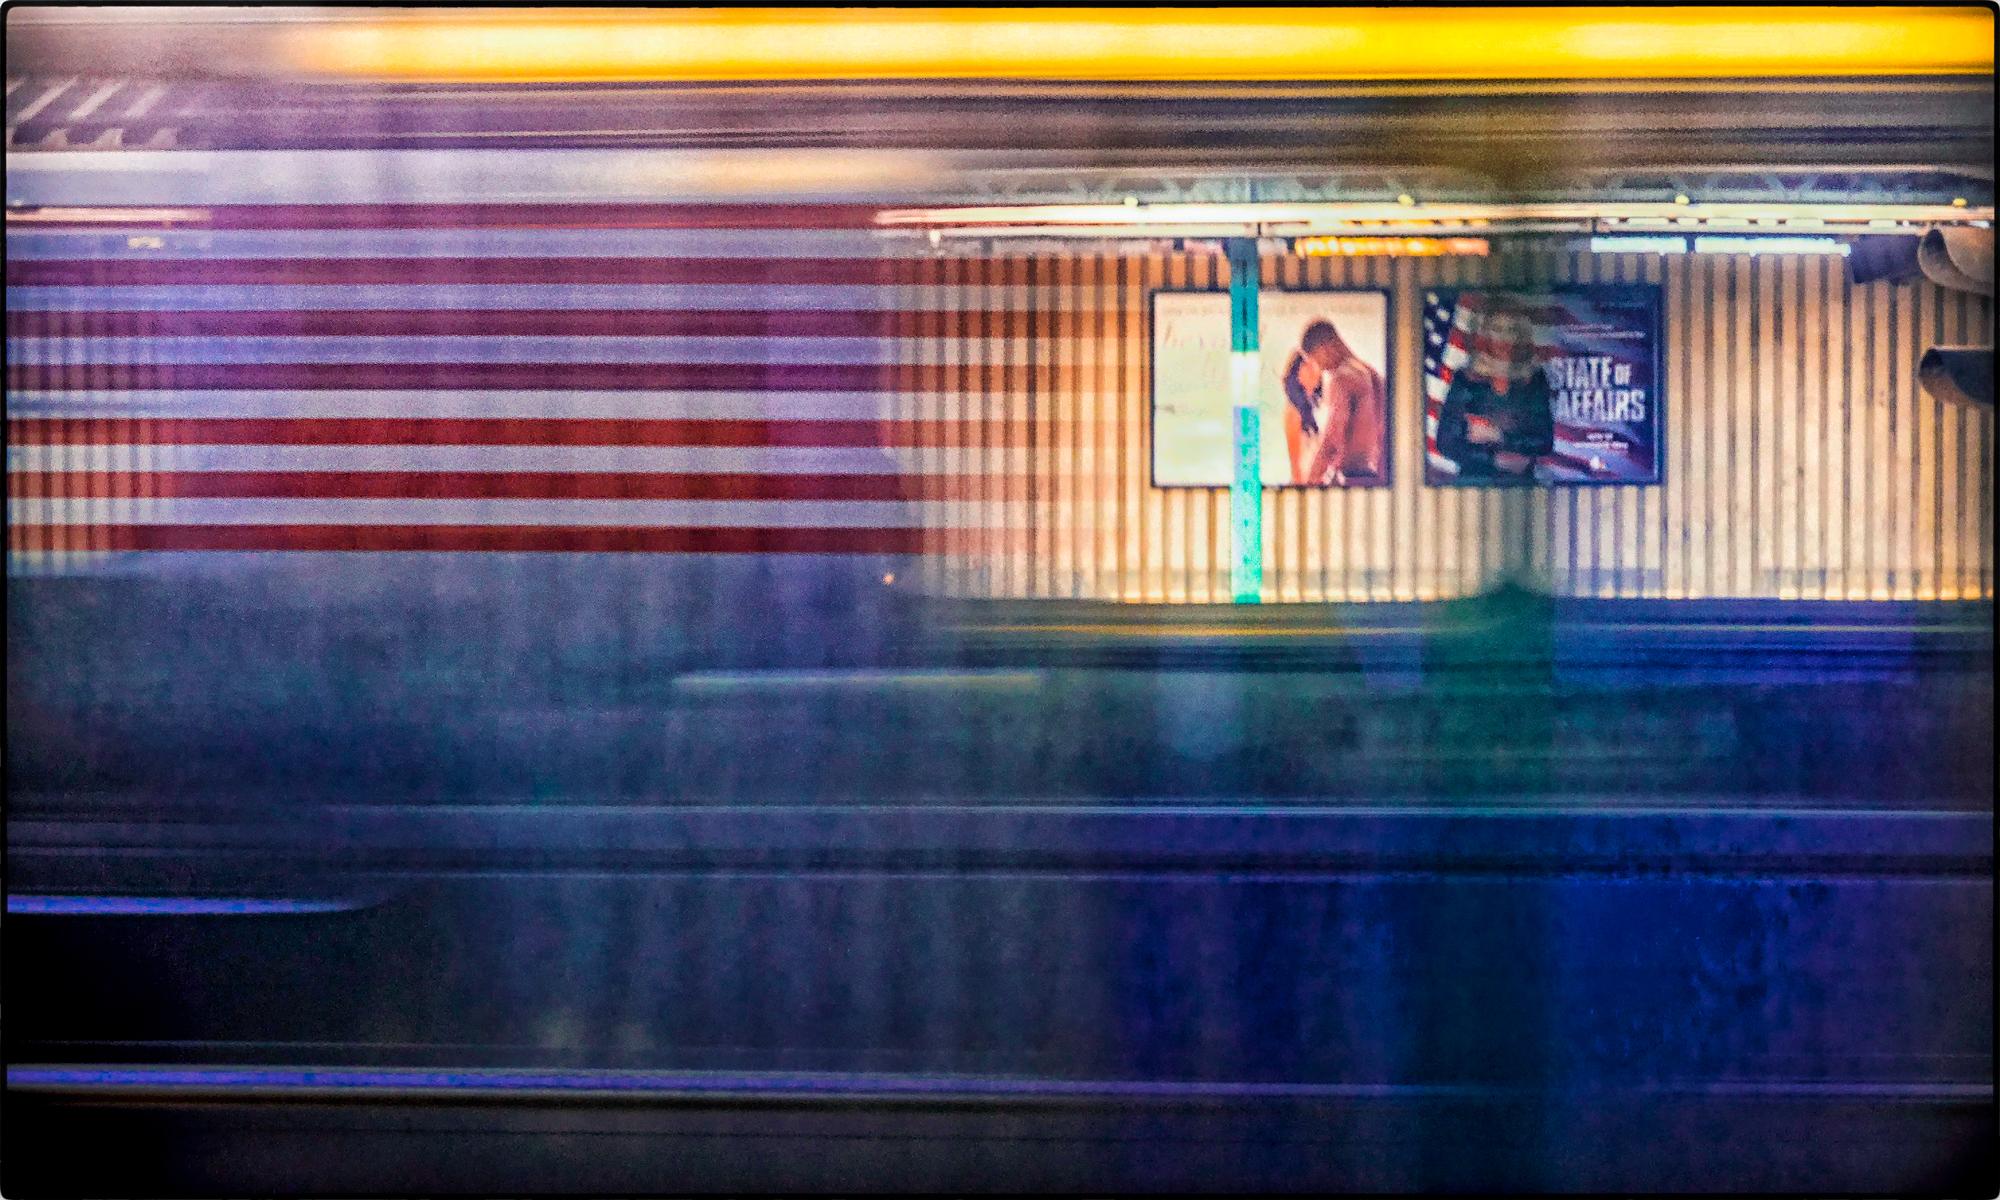 2014_11_11-Subway-_State-of-Affairs_03.jpg